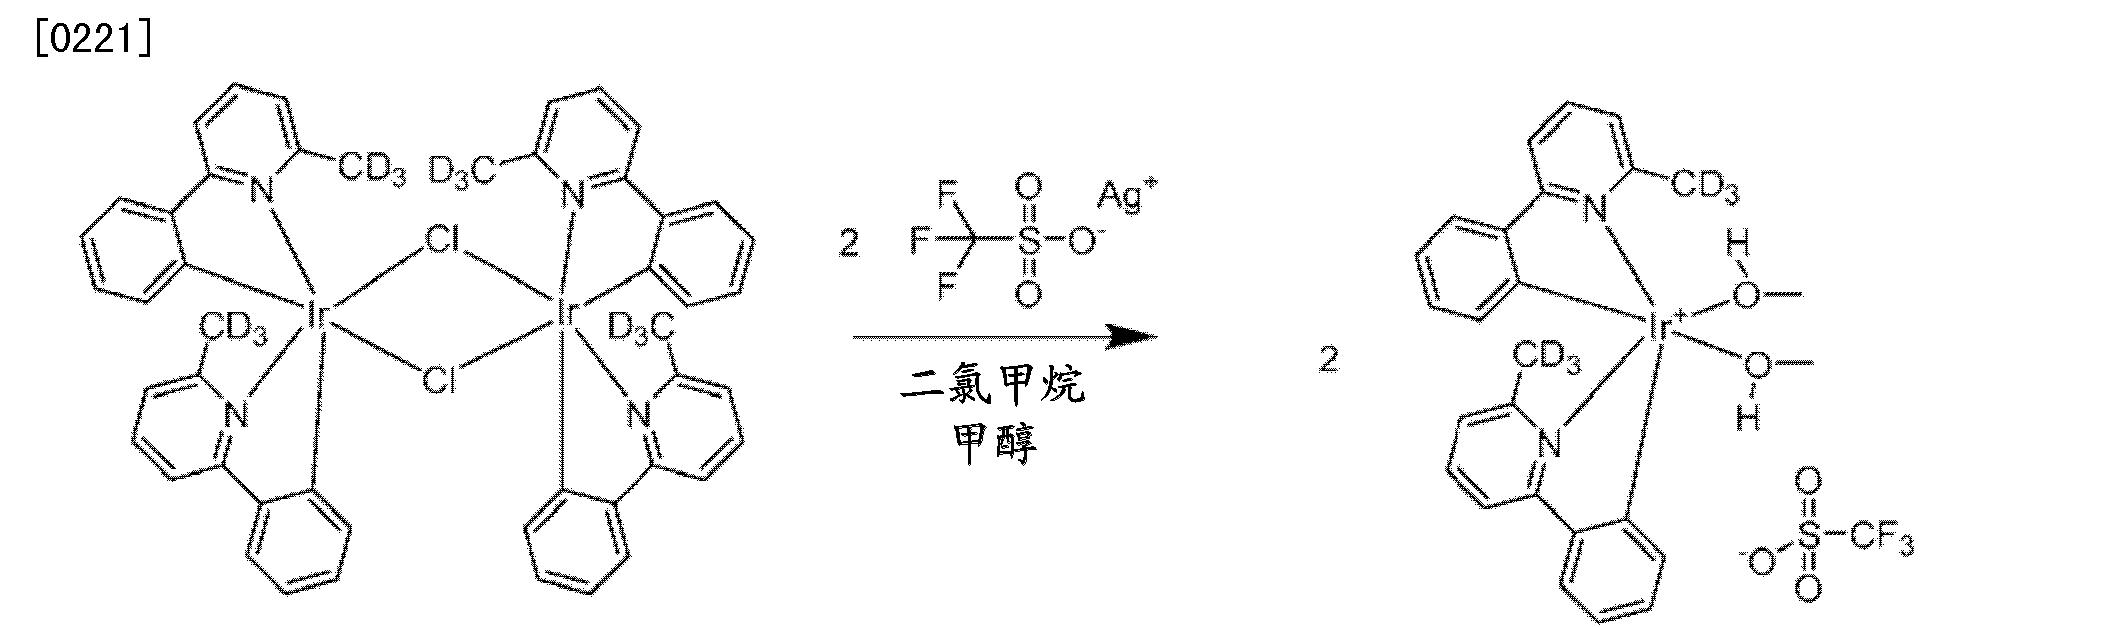 Figure CN102459505BD00693